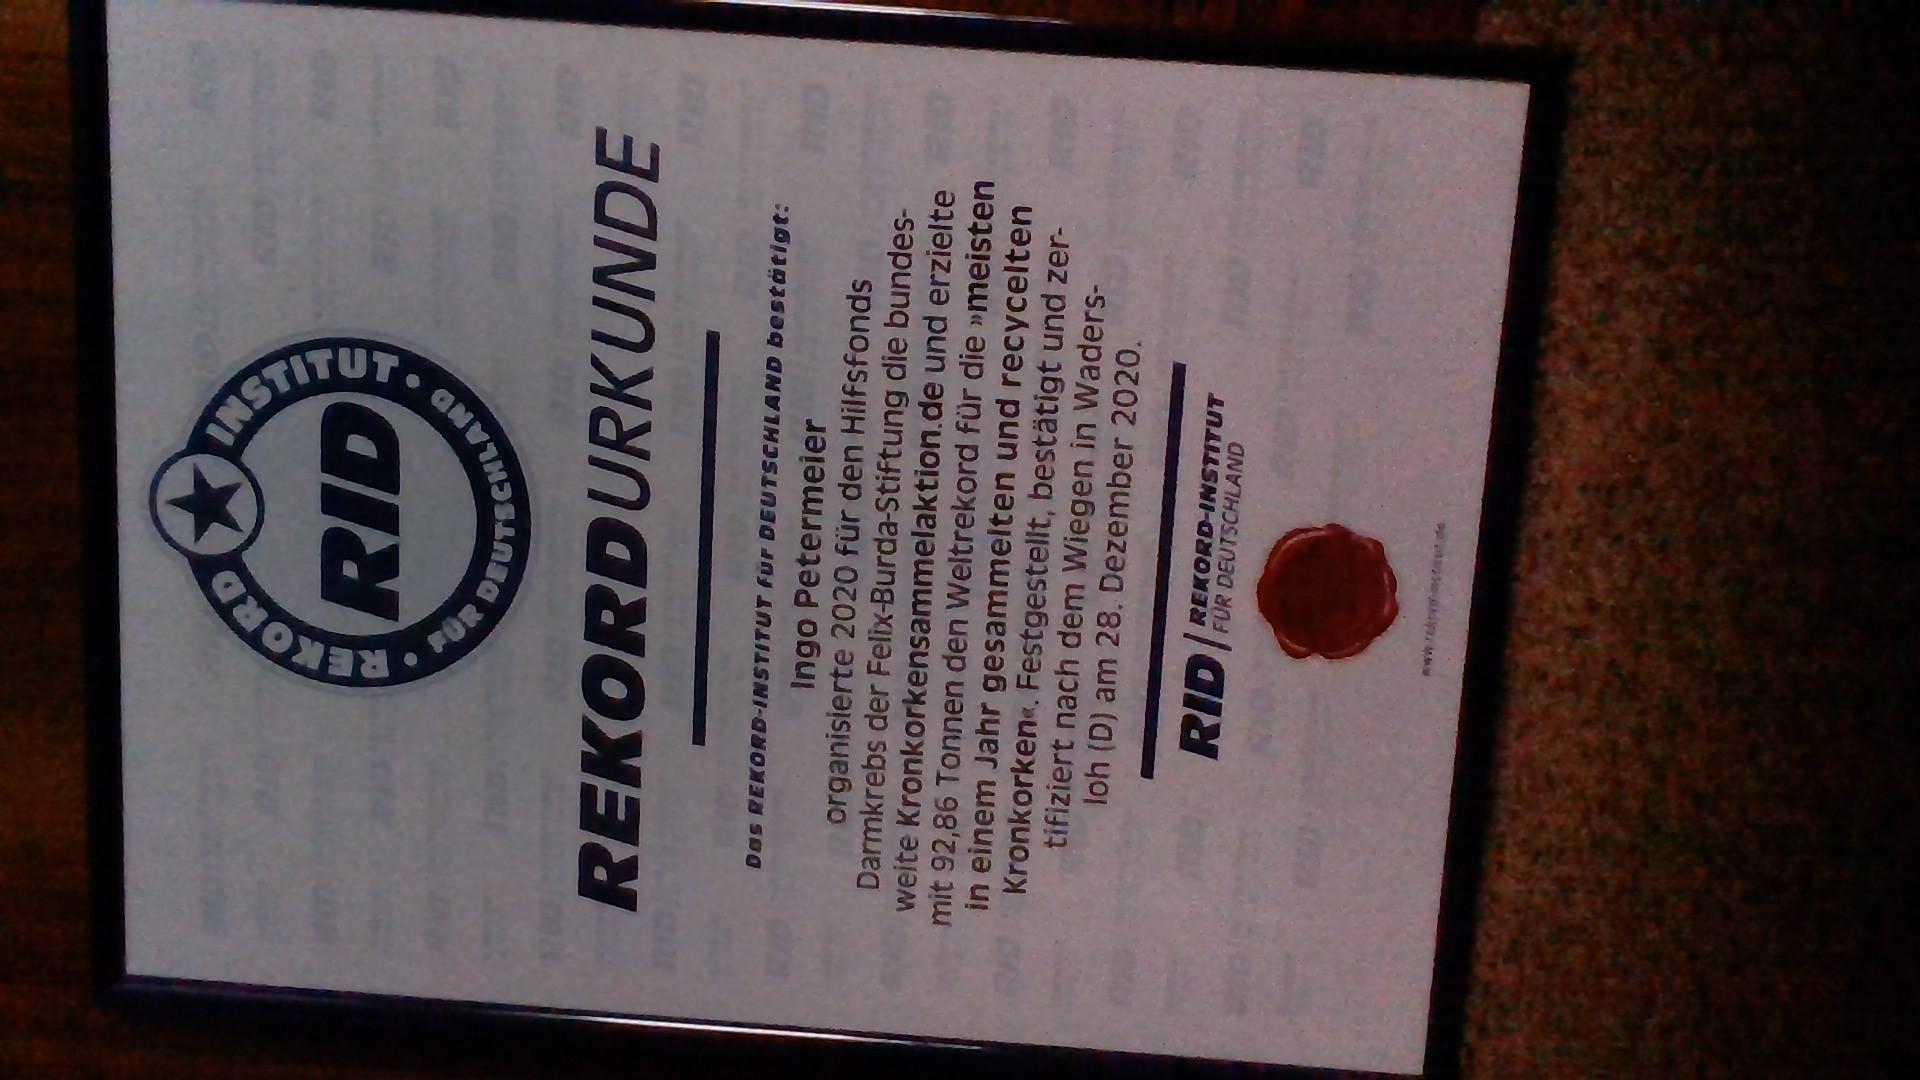 Weltrekord Urkunde ist da